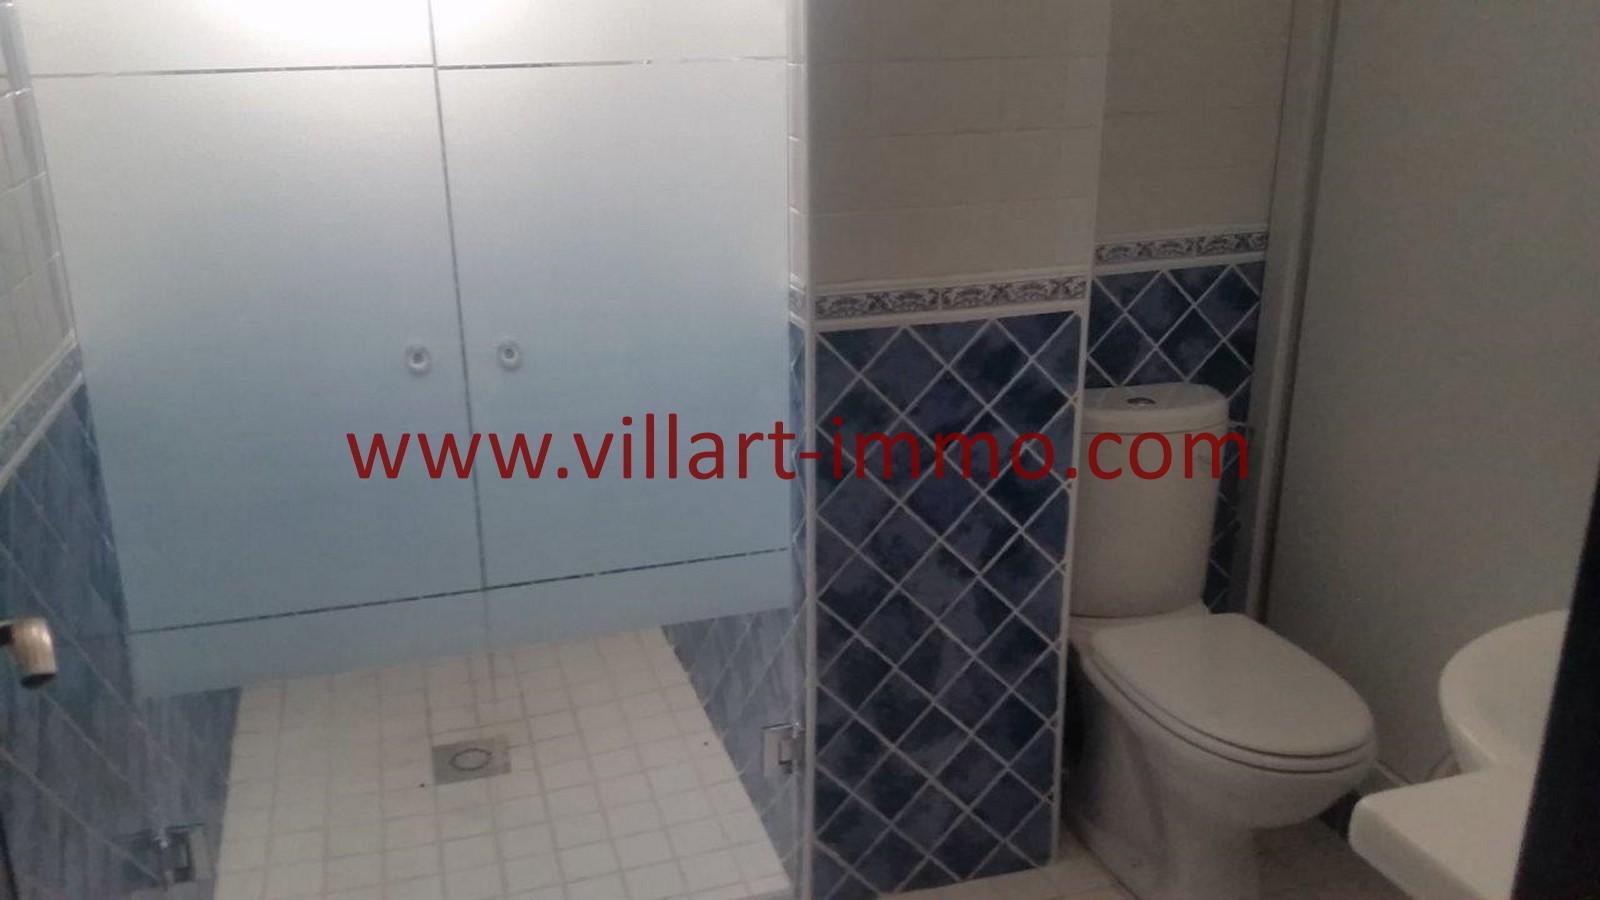 8-location-appartement-meuble-centre-ville-tanger-salle-de-bain-2-l965-villart-immo